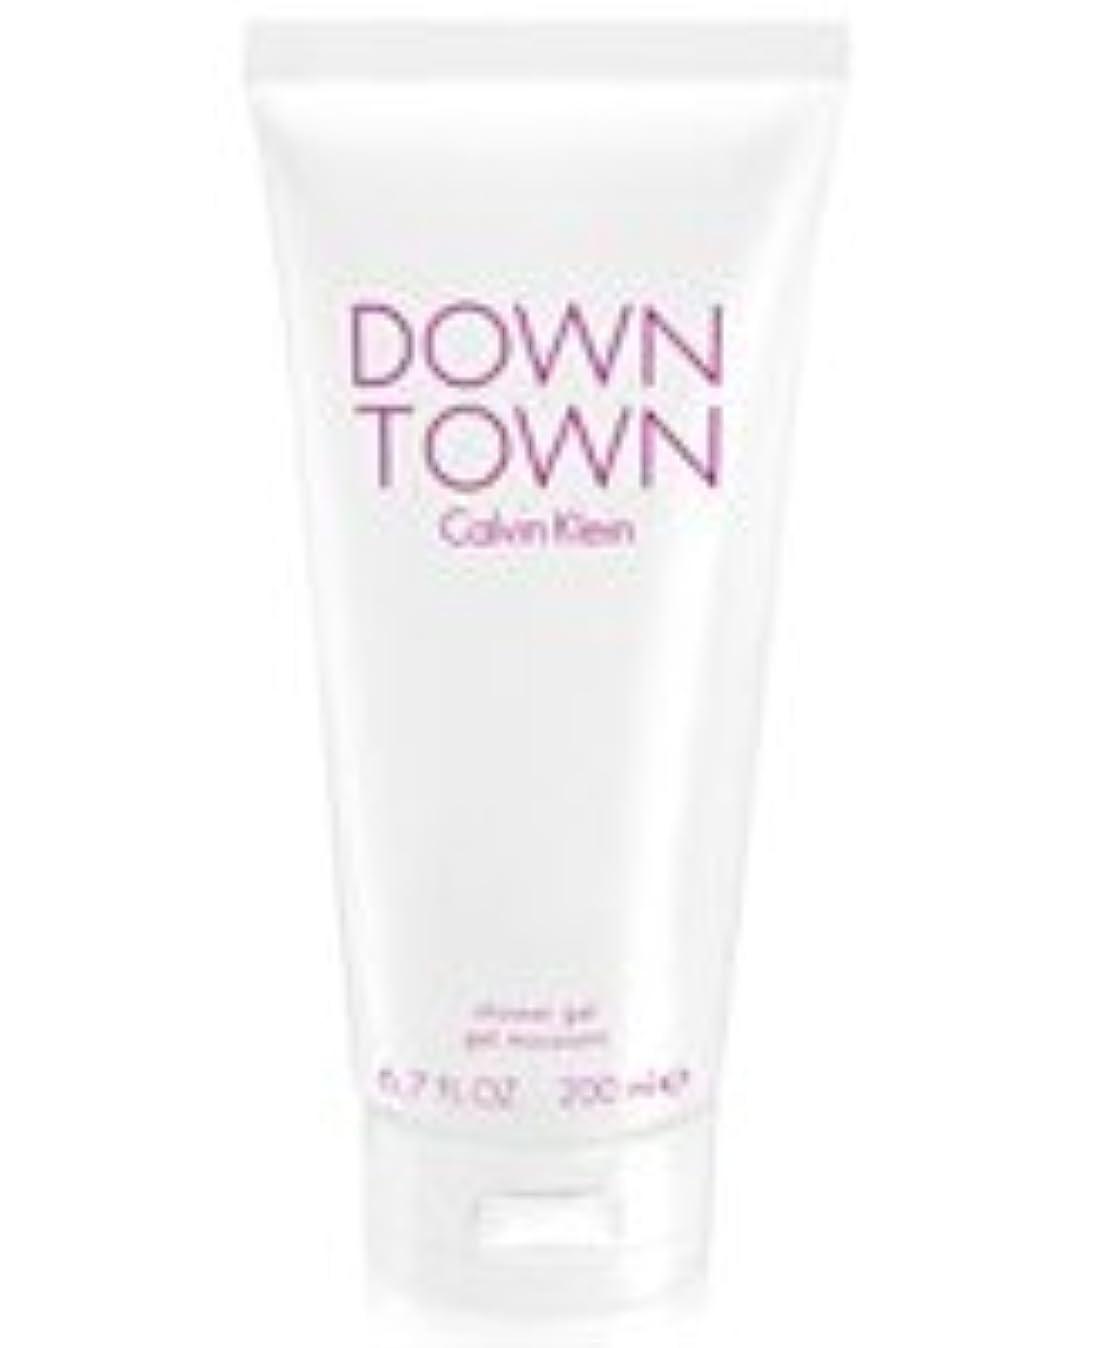 リングレットオフェンスオートDown Town (ダウンタウン) 6.7 oz (200ml) Body Wash by Calvin Klein for Women